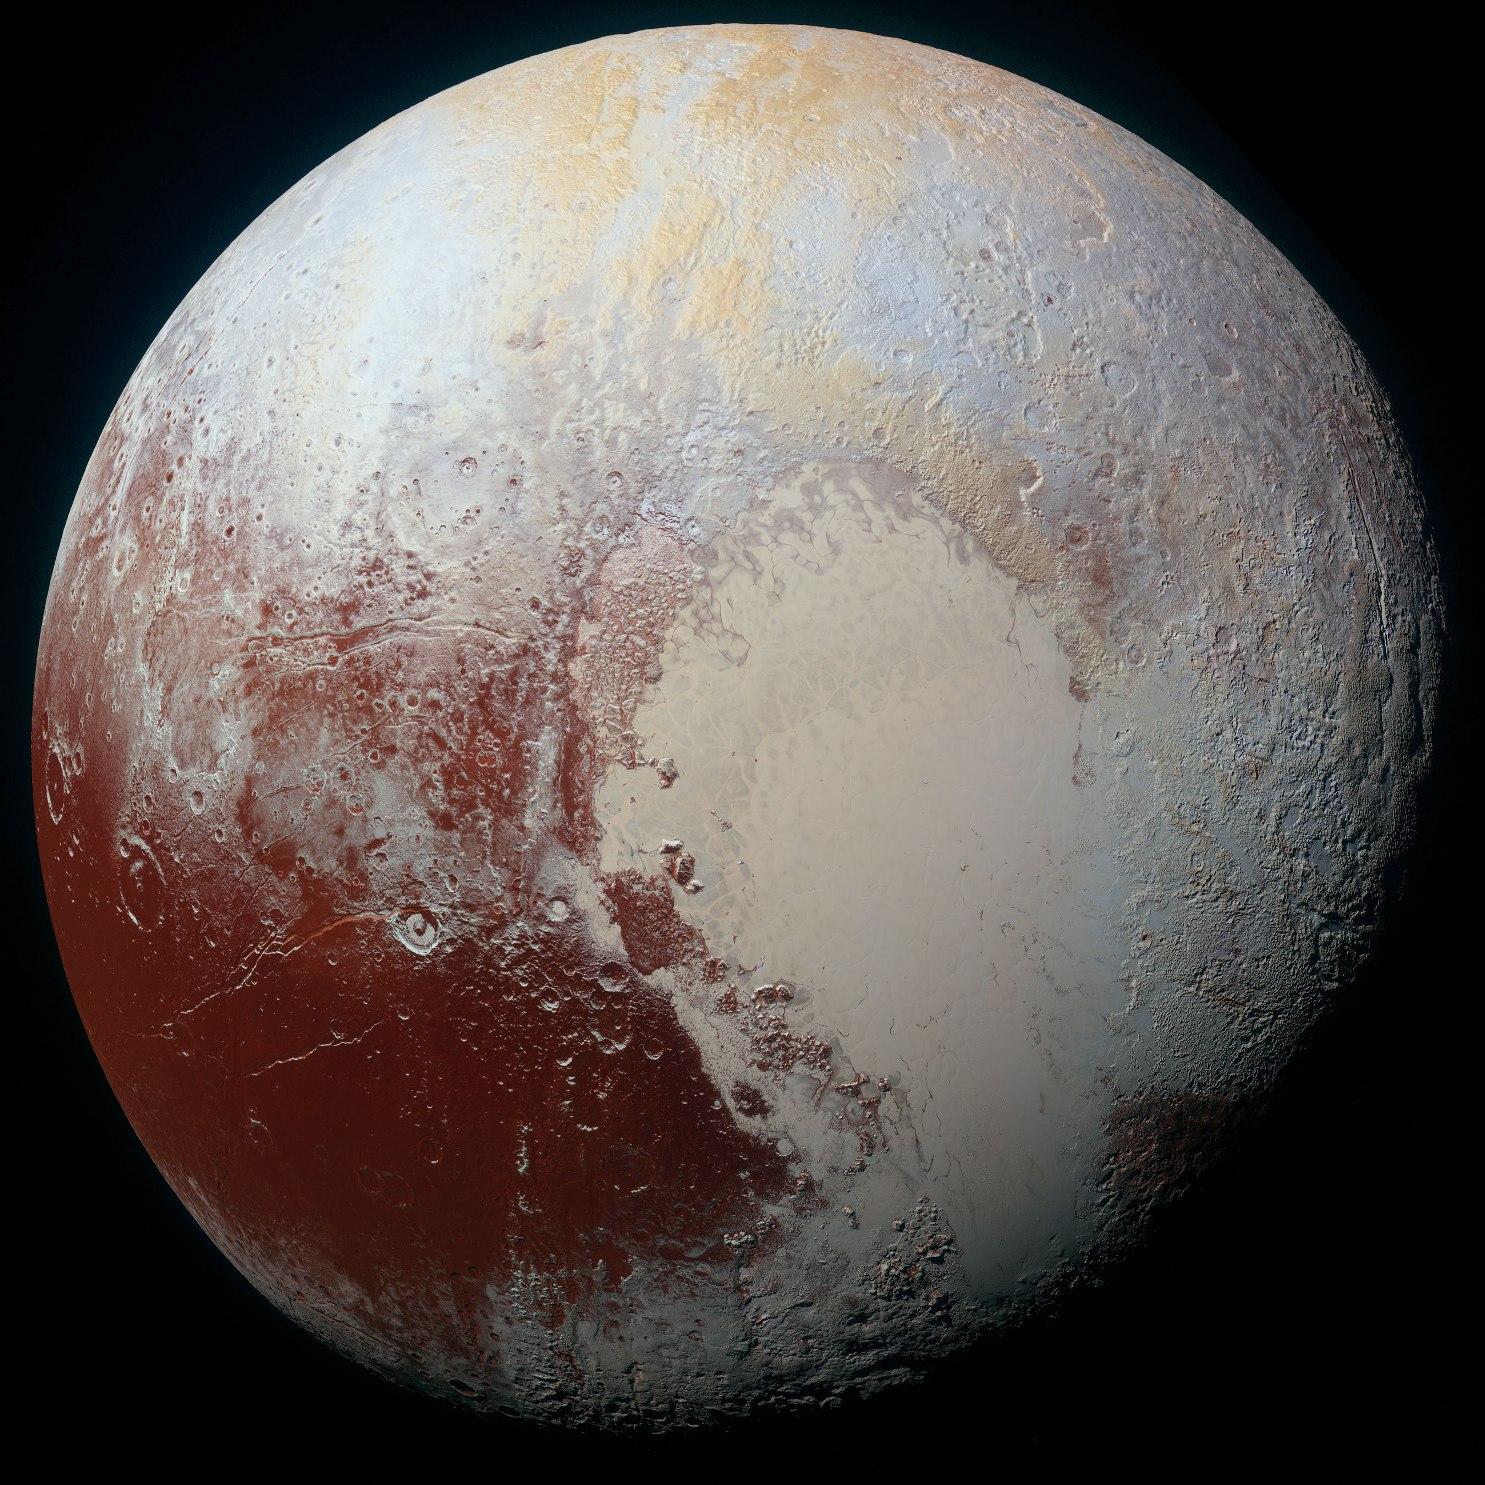 عکسی جدید و رنگی با کیفیت بالا از سیاره ی کوتوله ی پلوتو